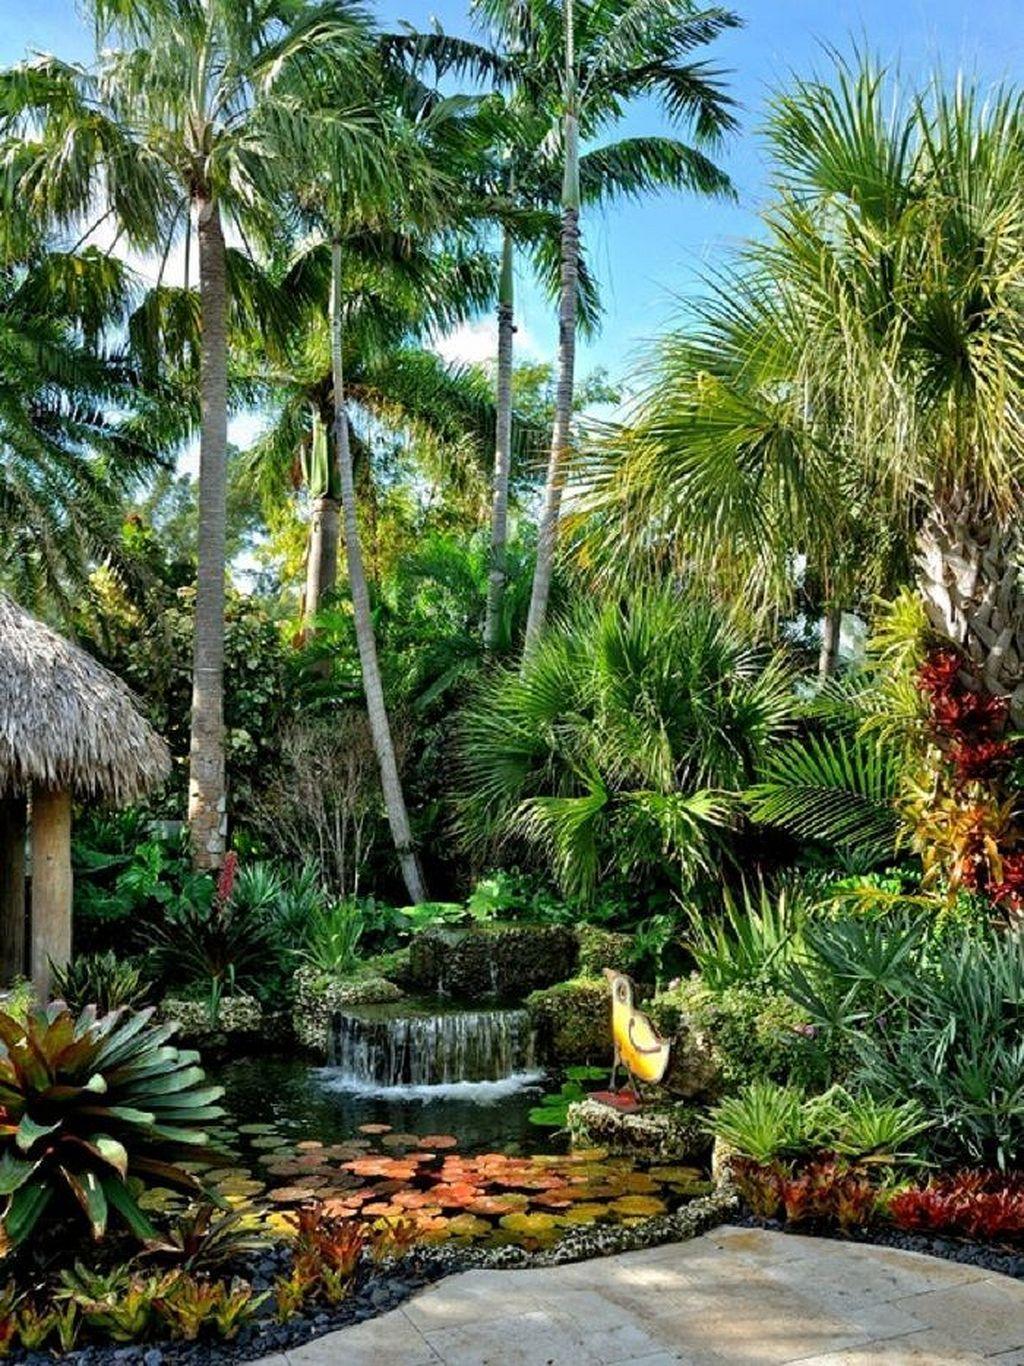 30 fresh tropical garden ideas small landscaping on attractive tropical landscaping ideas id=14366